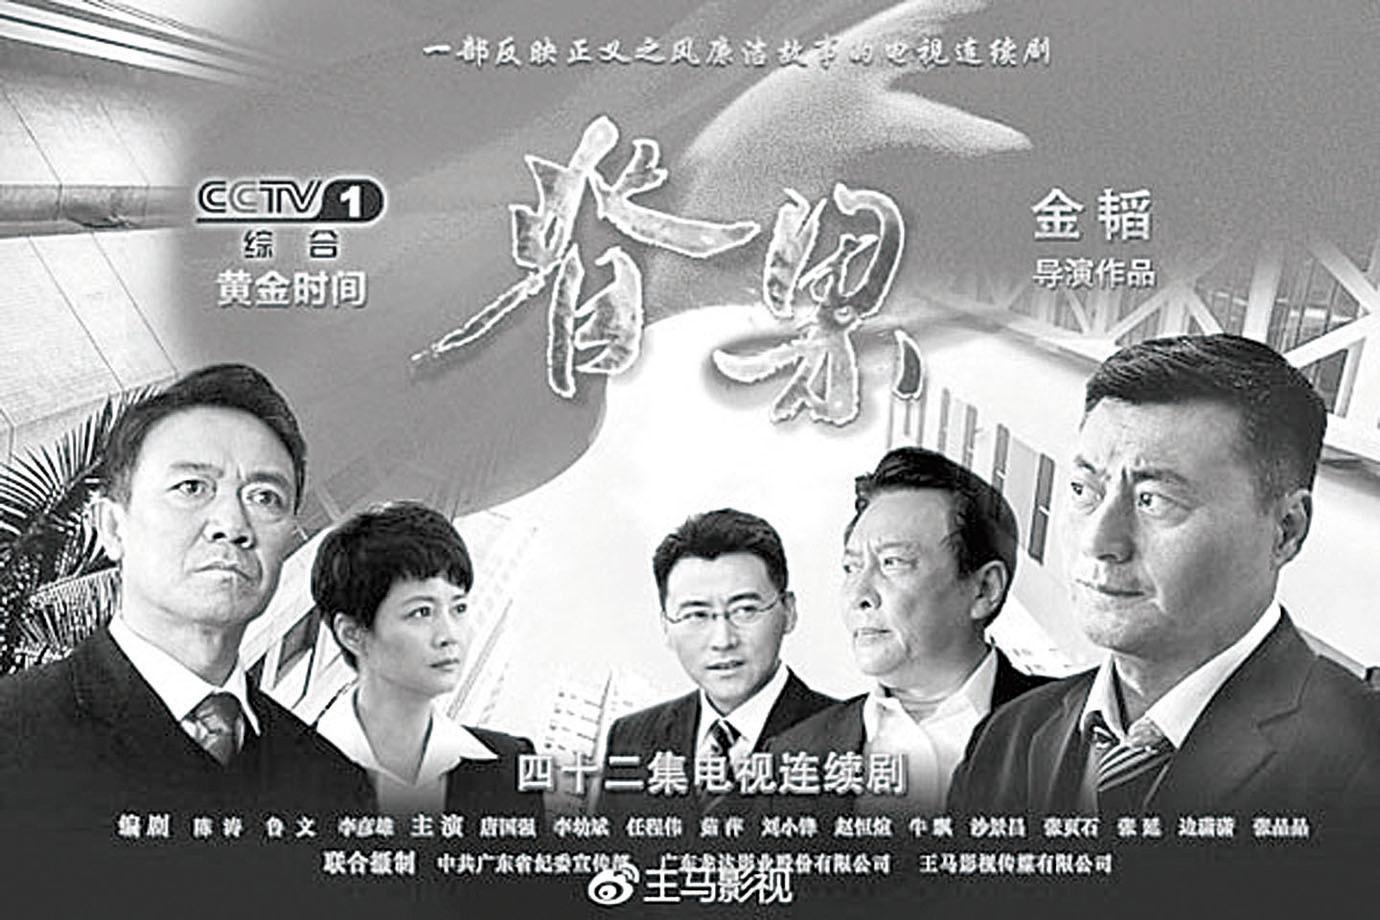 大陸媒體報道,由中共紀委主導的反腐大劇《脊樑》即將上映。(微博圖片)